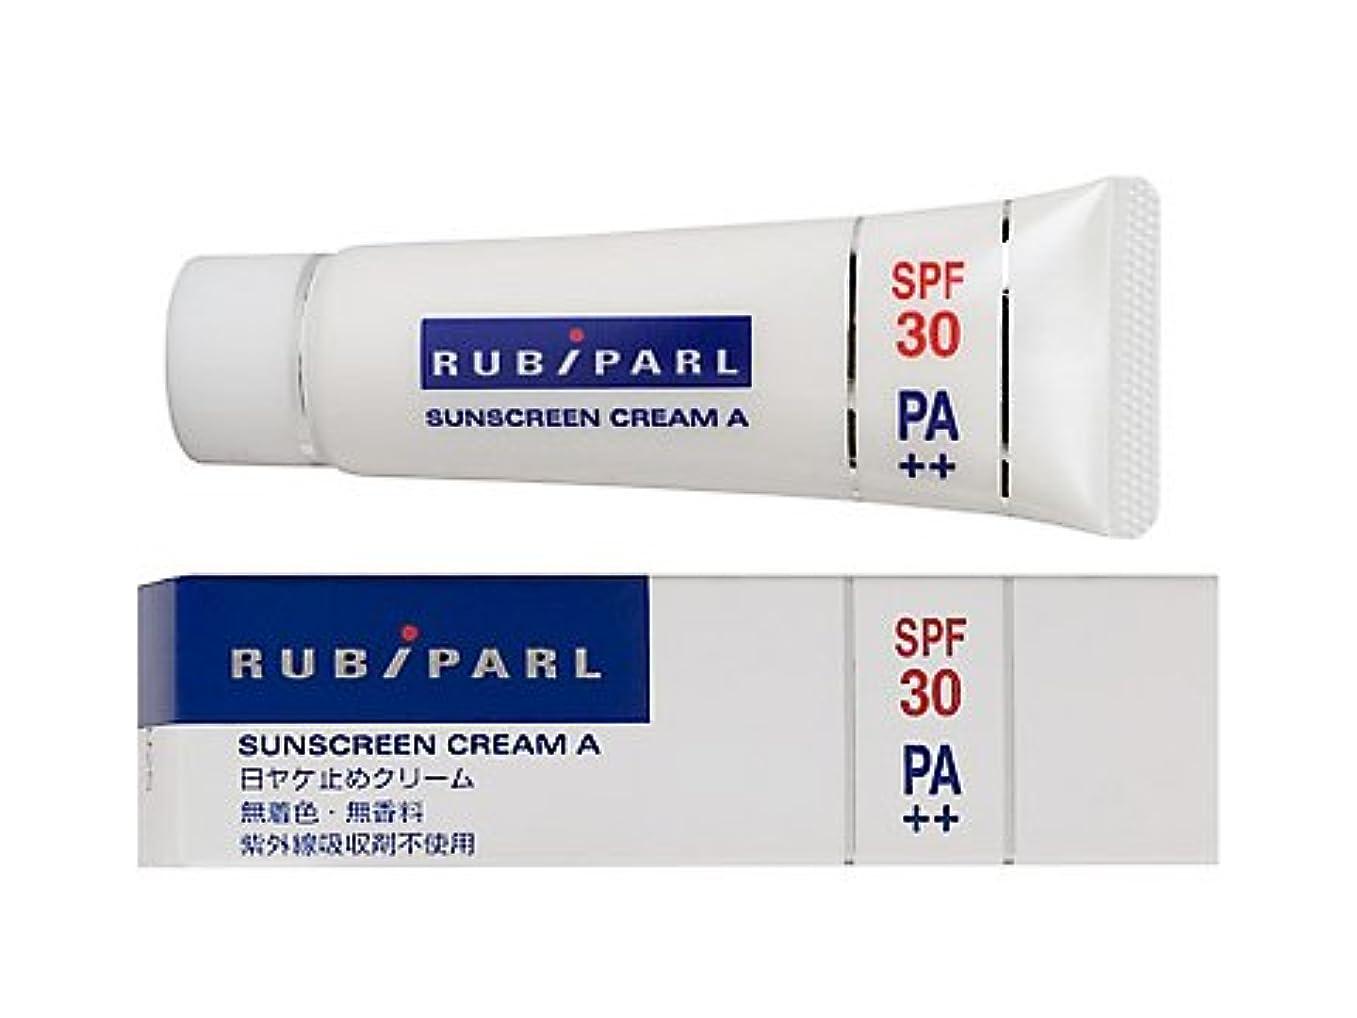 家庭豚肉解体するルビパール サンスクリーンクリームA 15g (ミニ) 日ヤケ止めクリーム SPF30?PA++